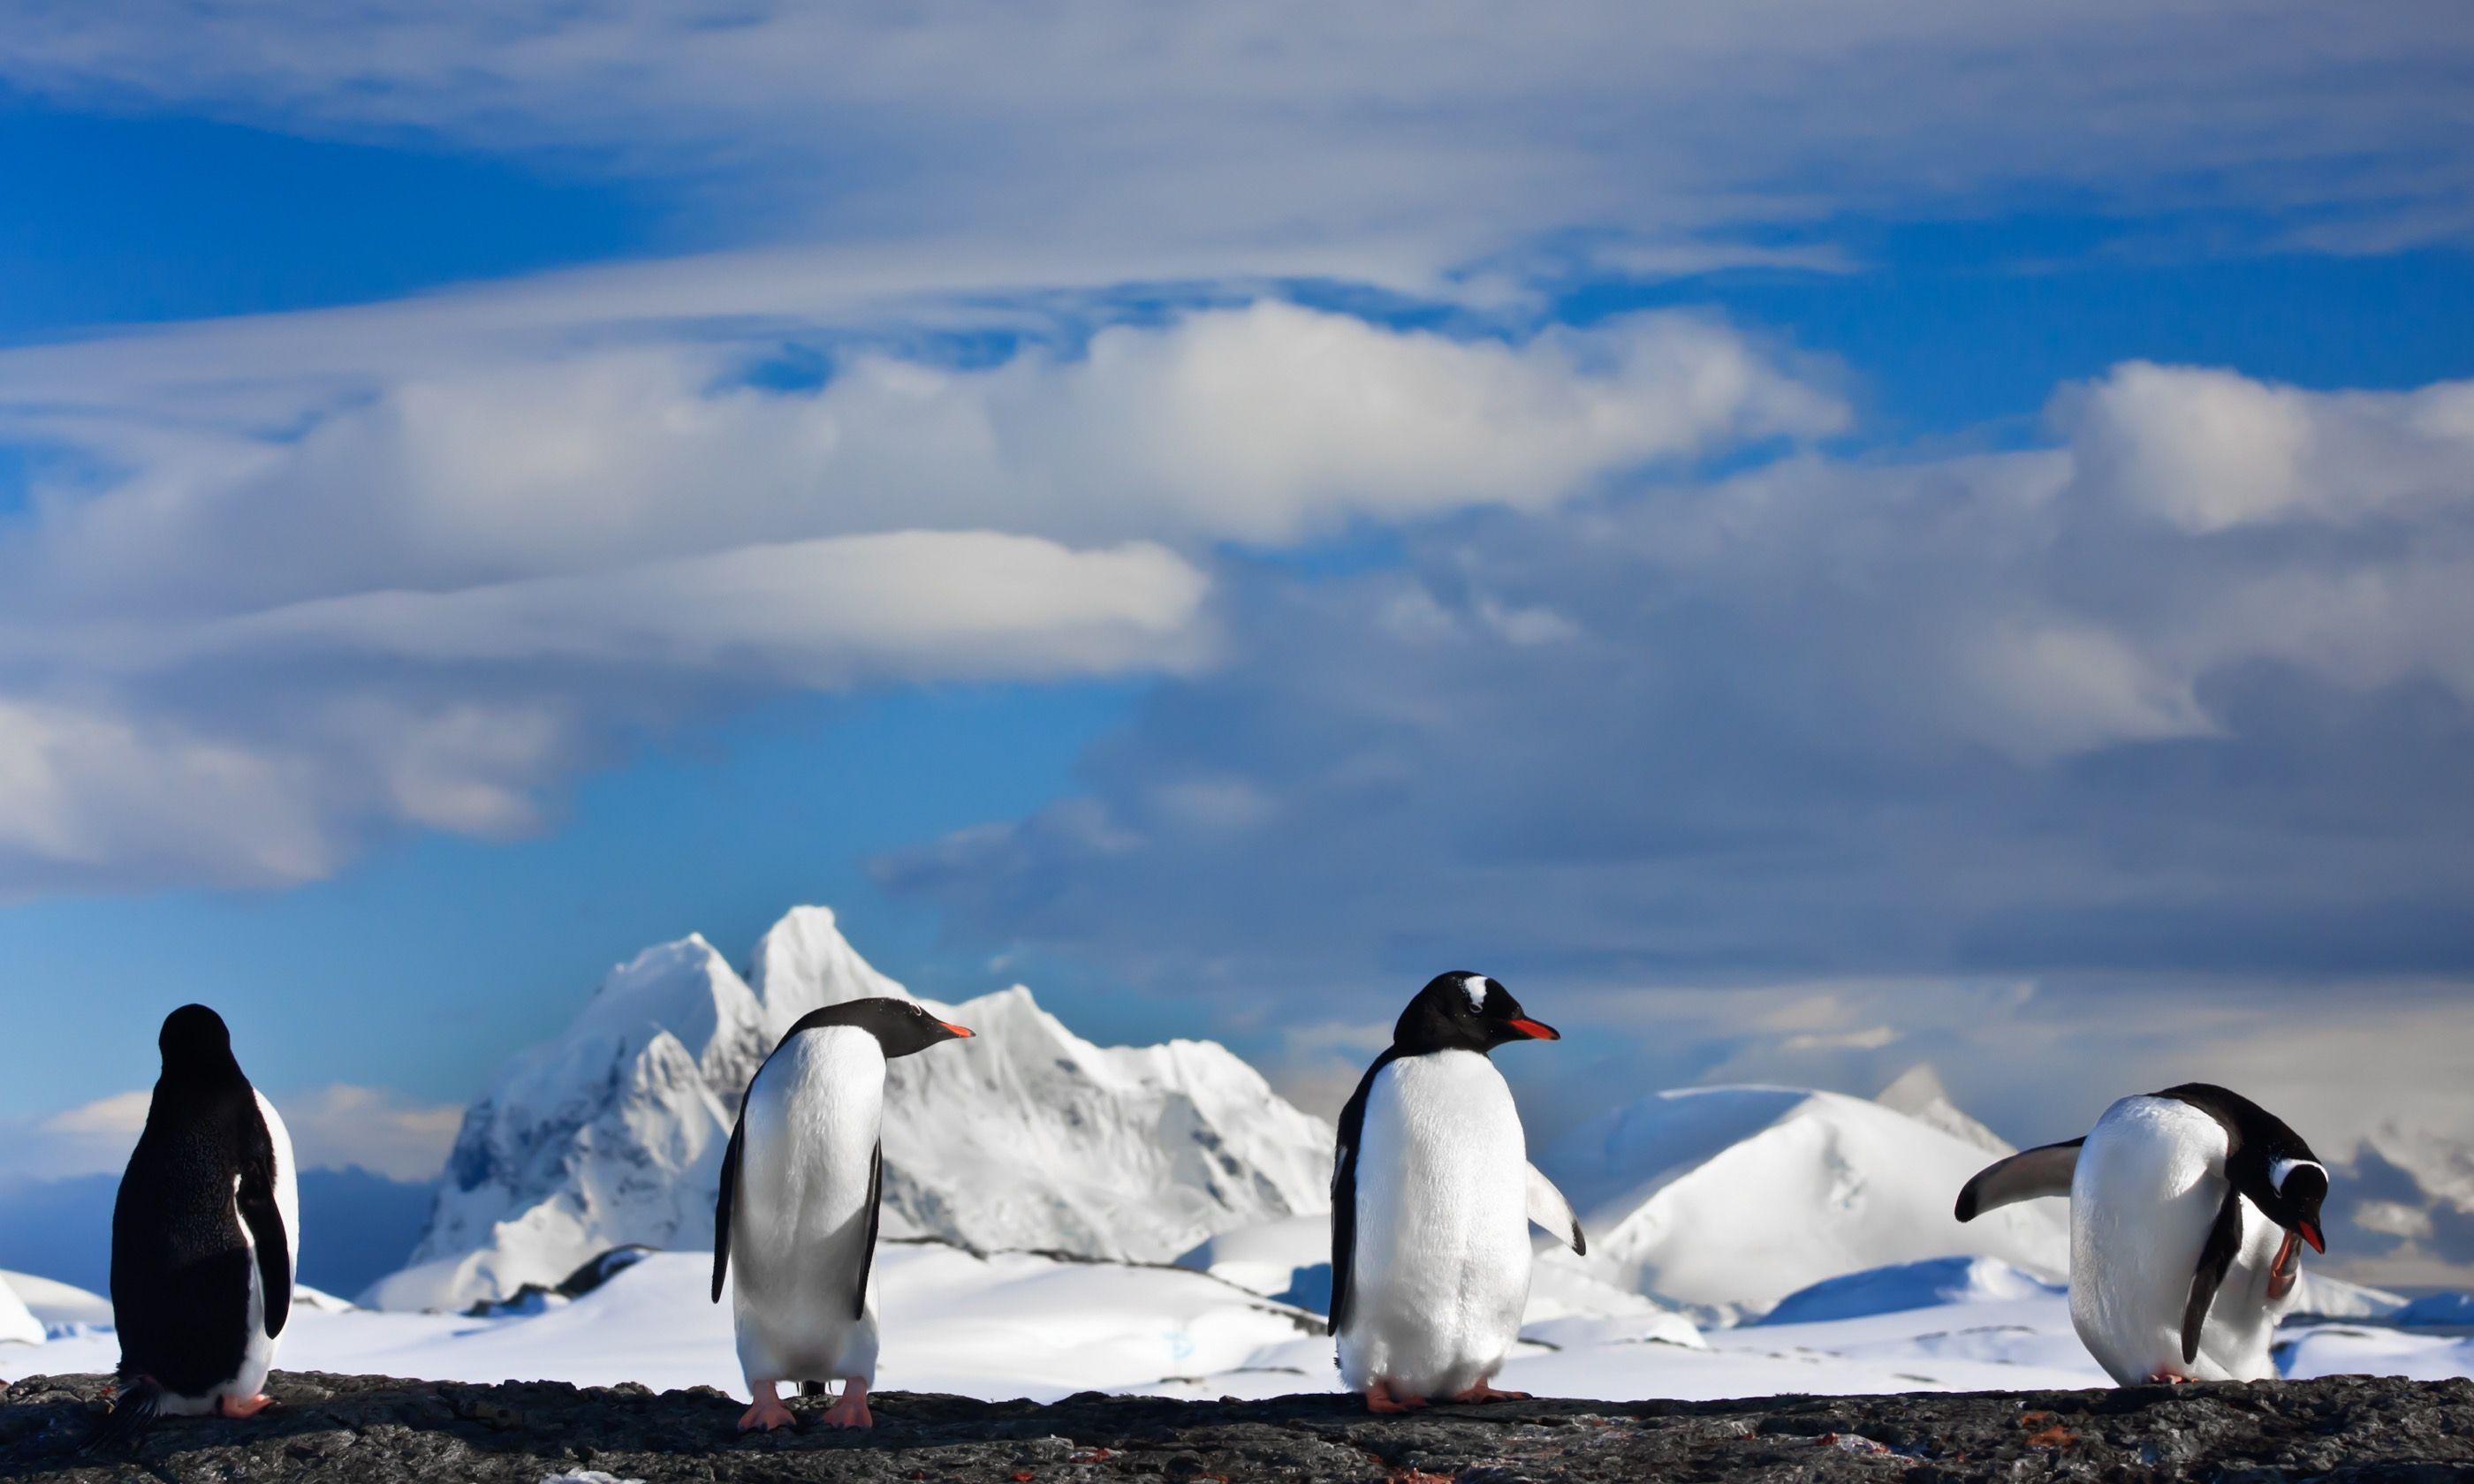 Penguins on a rock (Shutterstock.com)